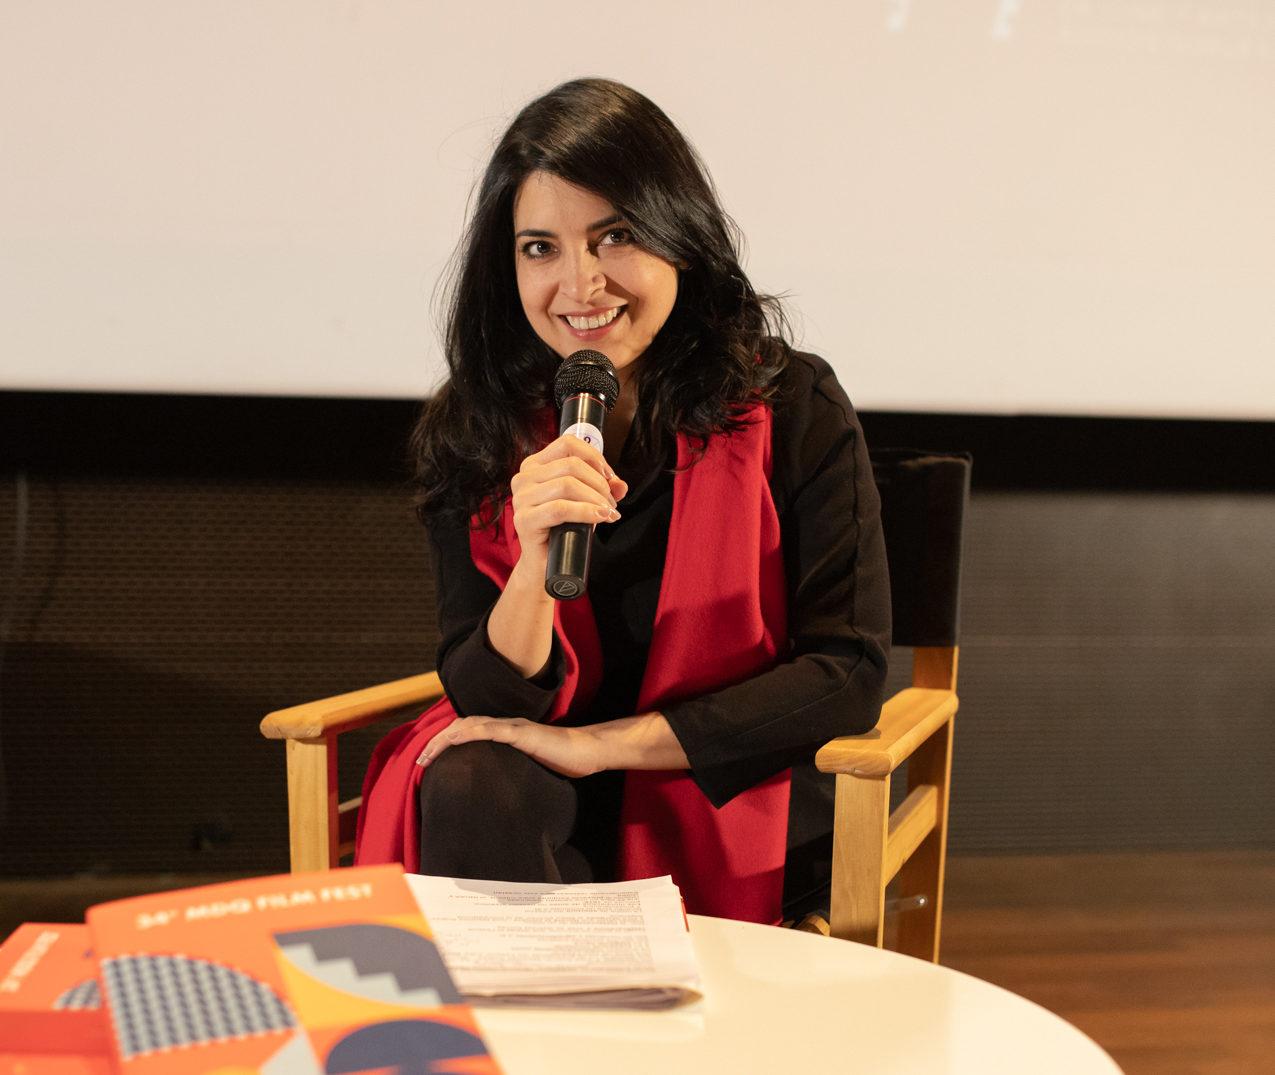 Cecilia Barrionuevo, convocada para participar en DocumentaMadrid